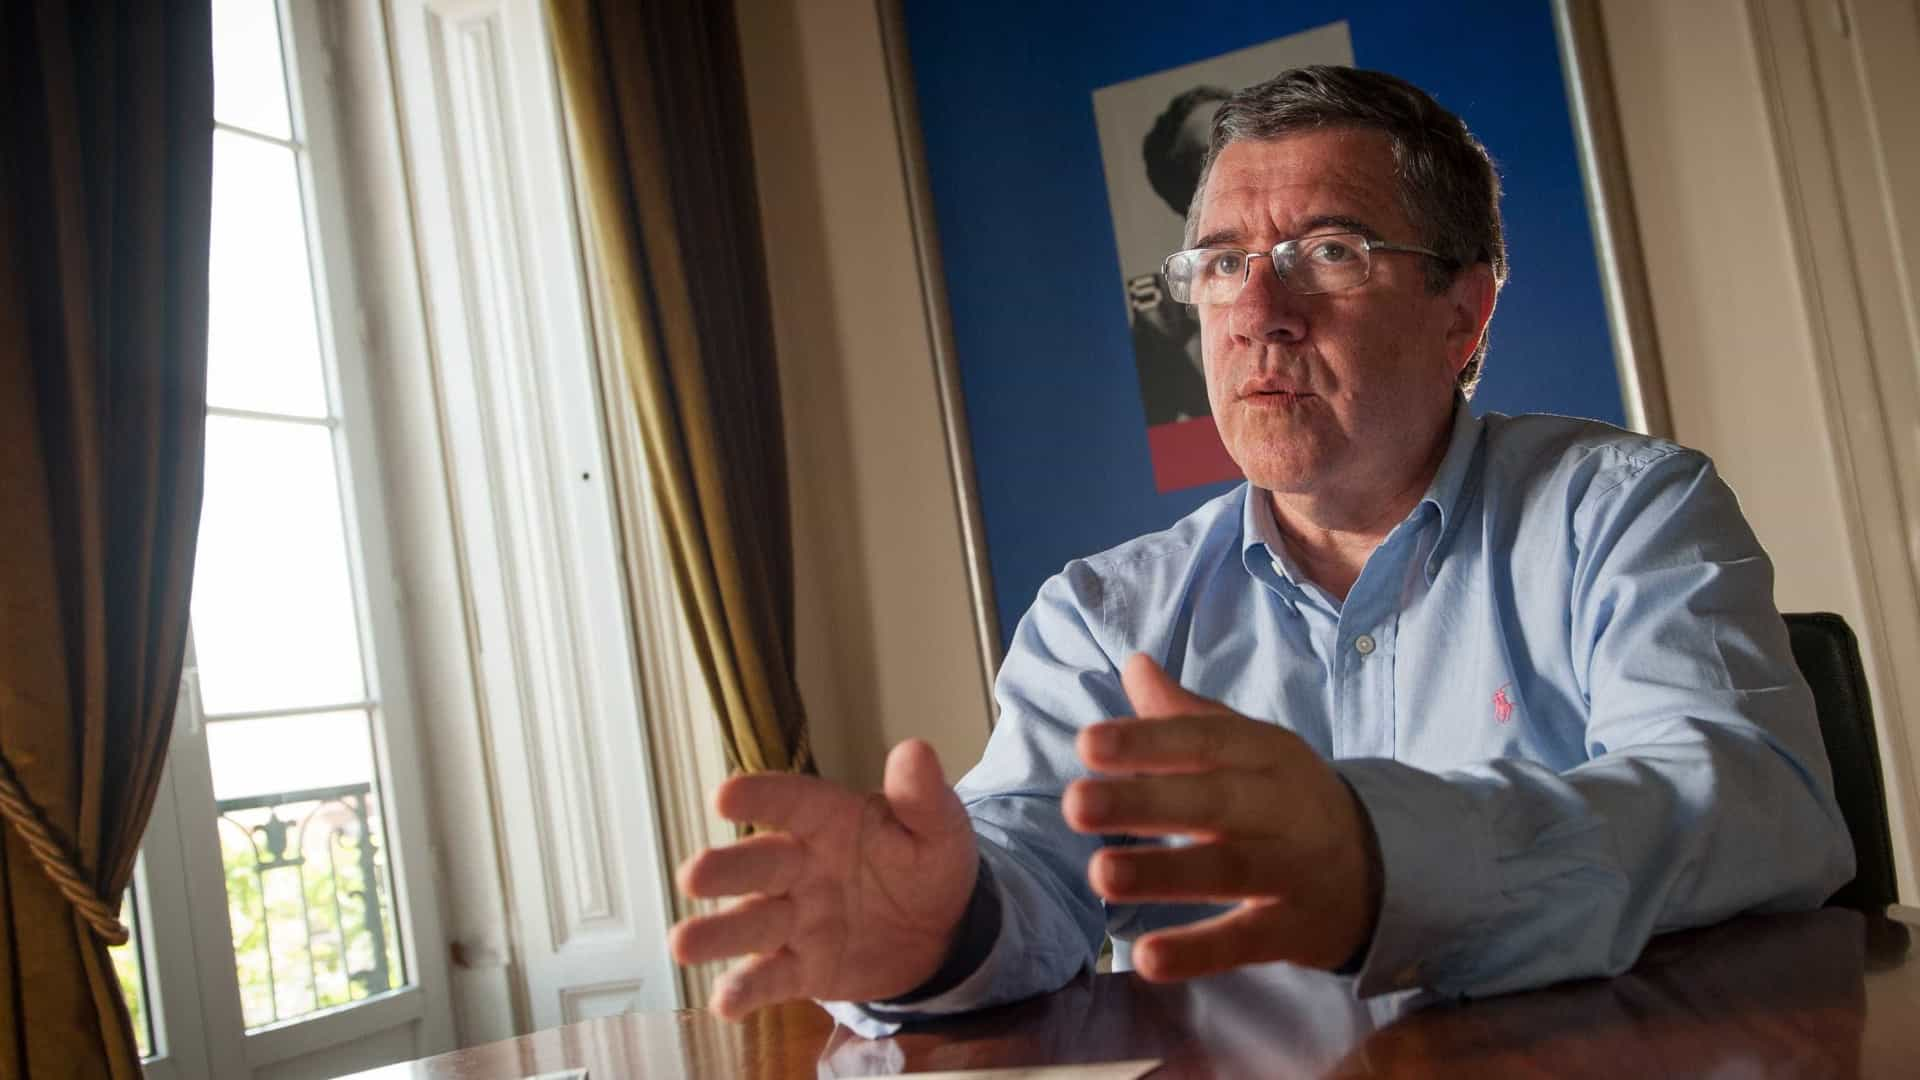 Mota-Engil propõe regresso de Jorge Coelho ao conselho de administração